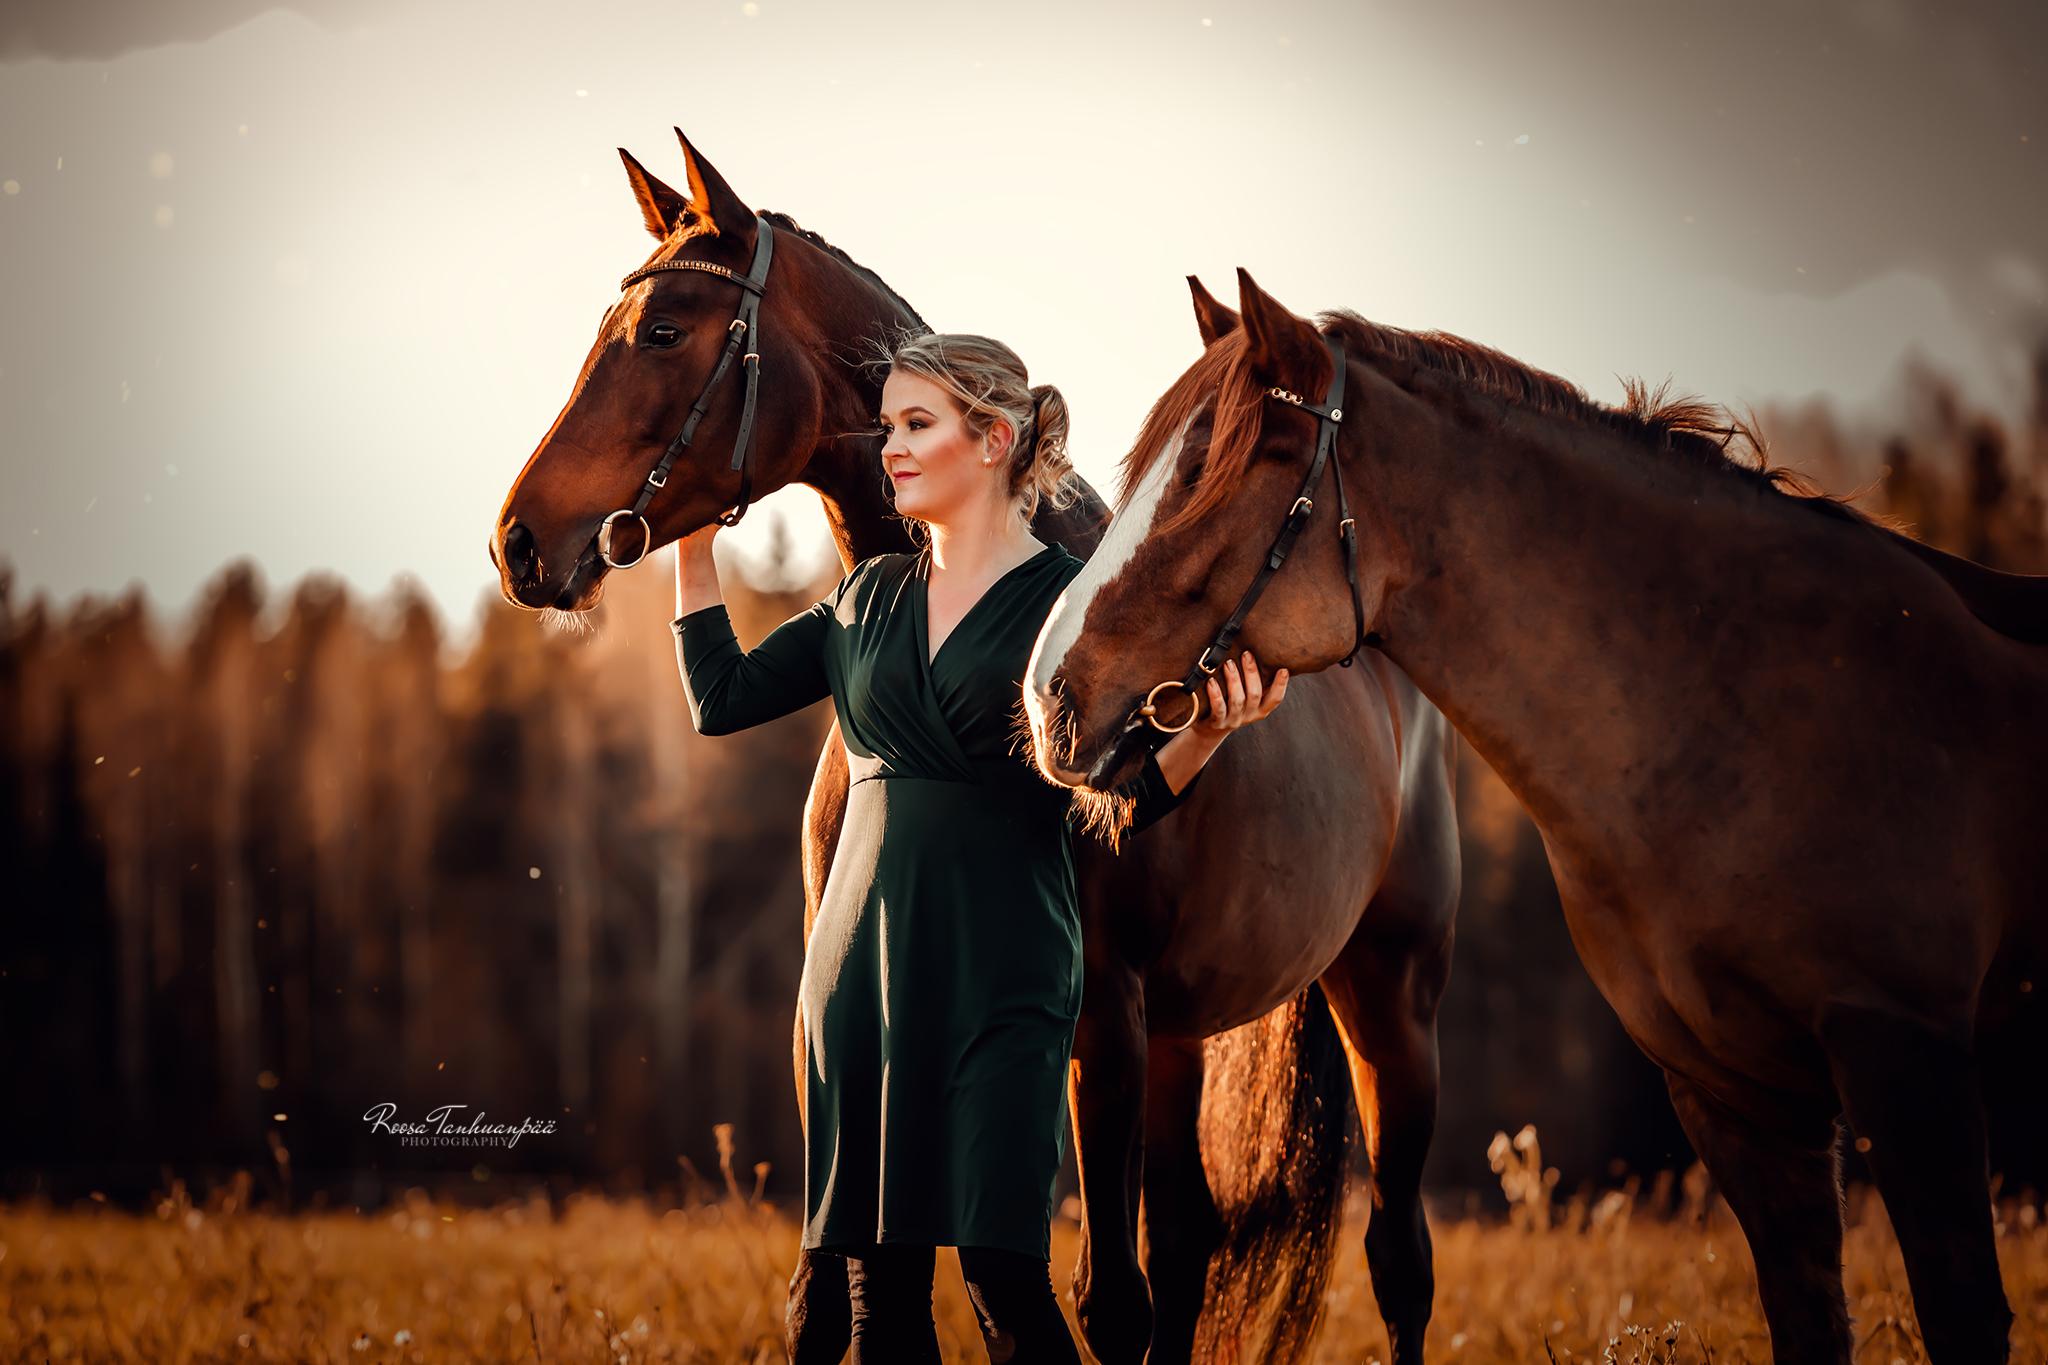 Kuva: Roosa Tanhuanpää Photography